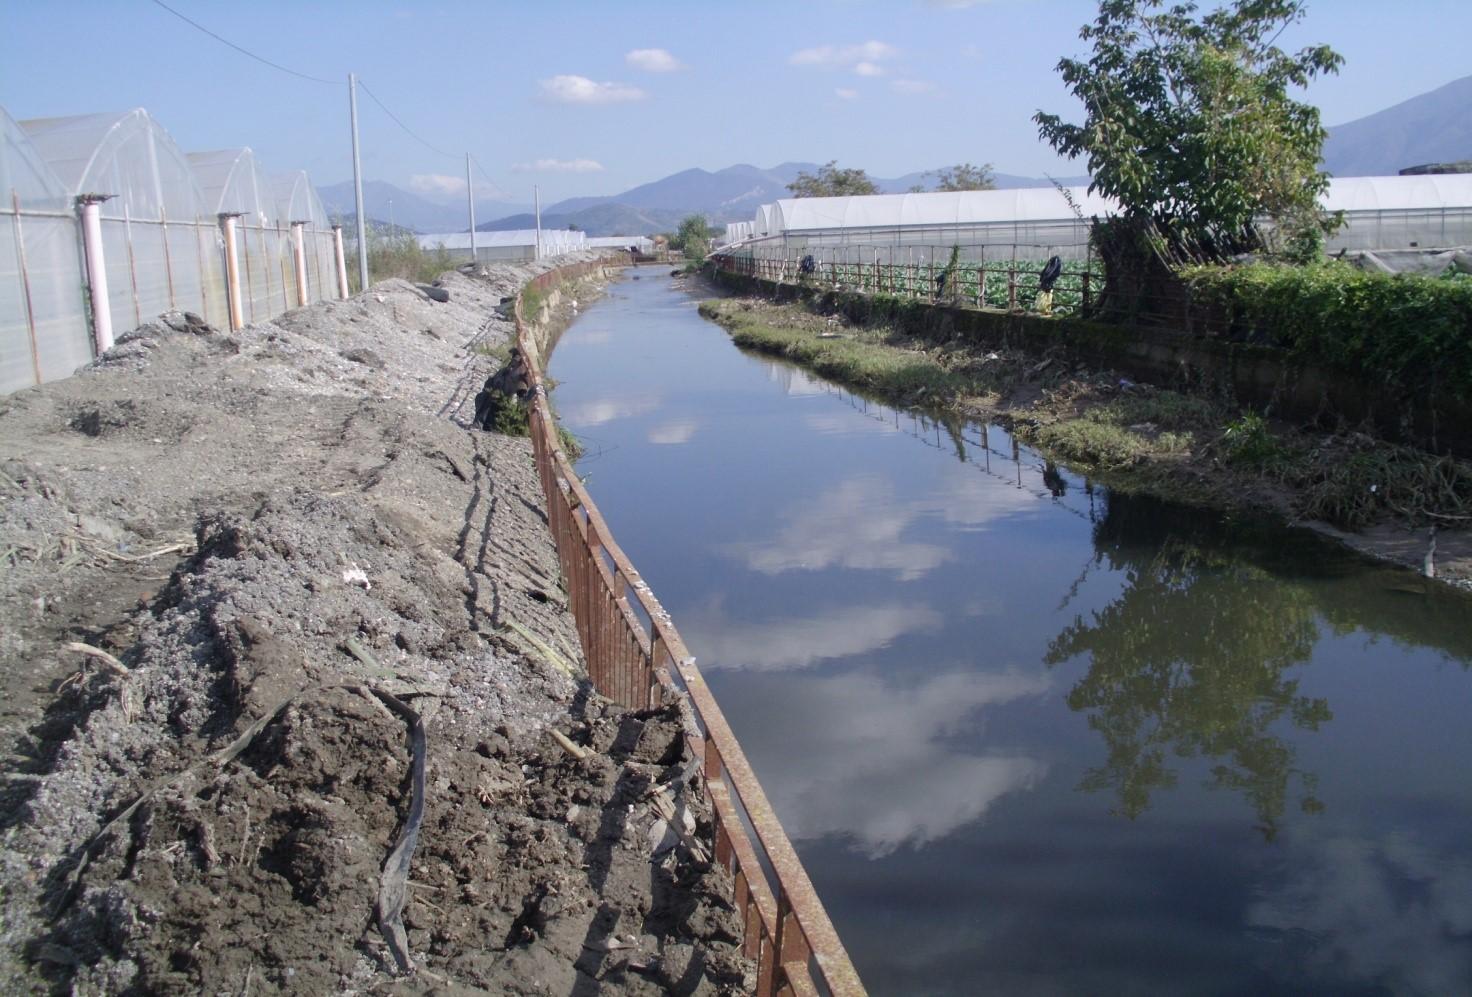 Rimozione fanghi dragati dal Rio Sguazzatorio nei territori di Angri e San Marzano sul Sarno